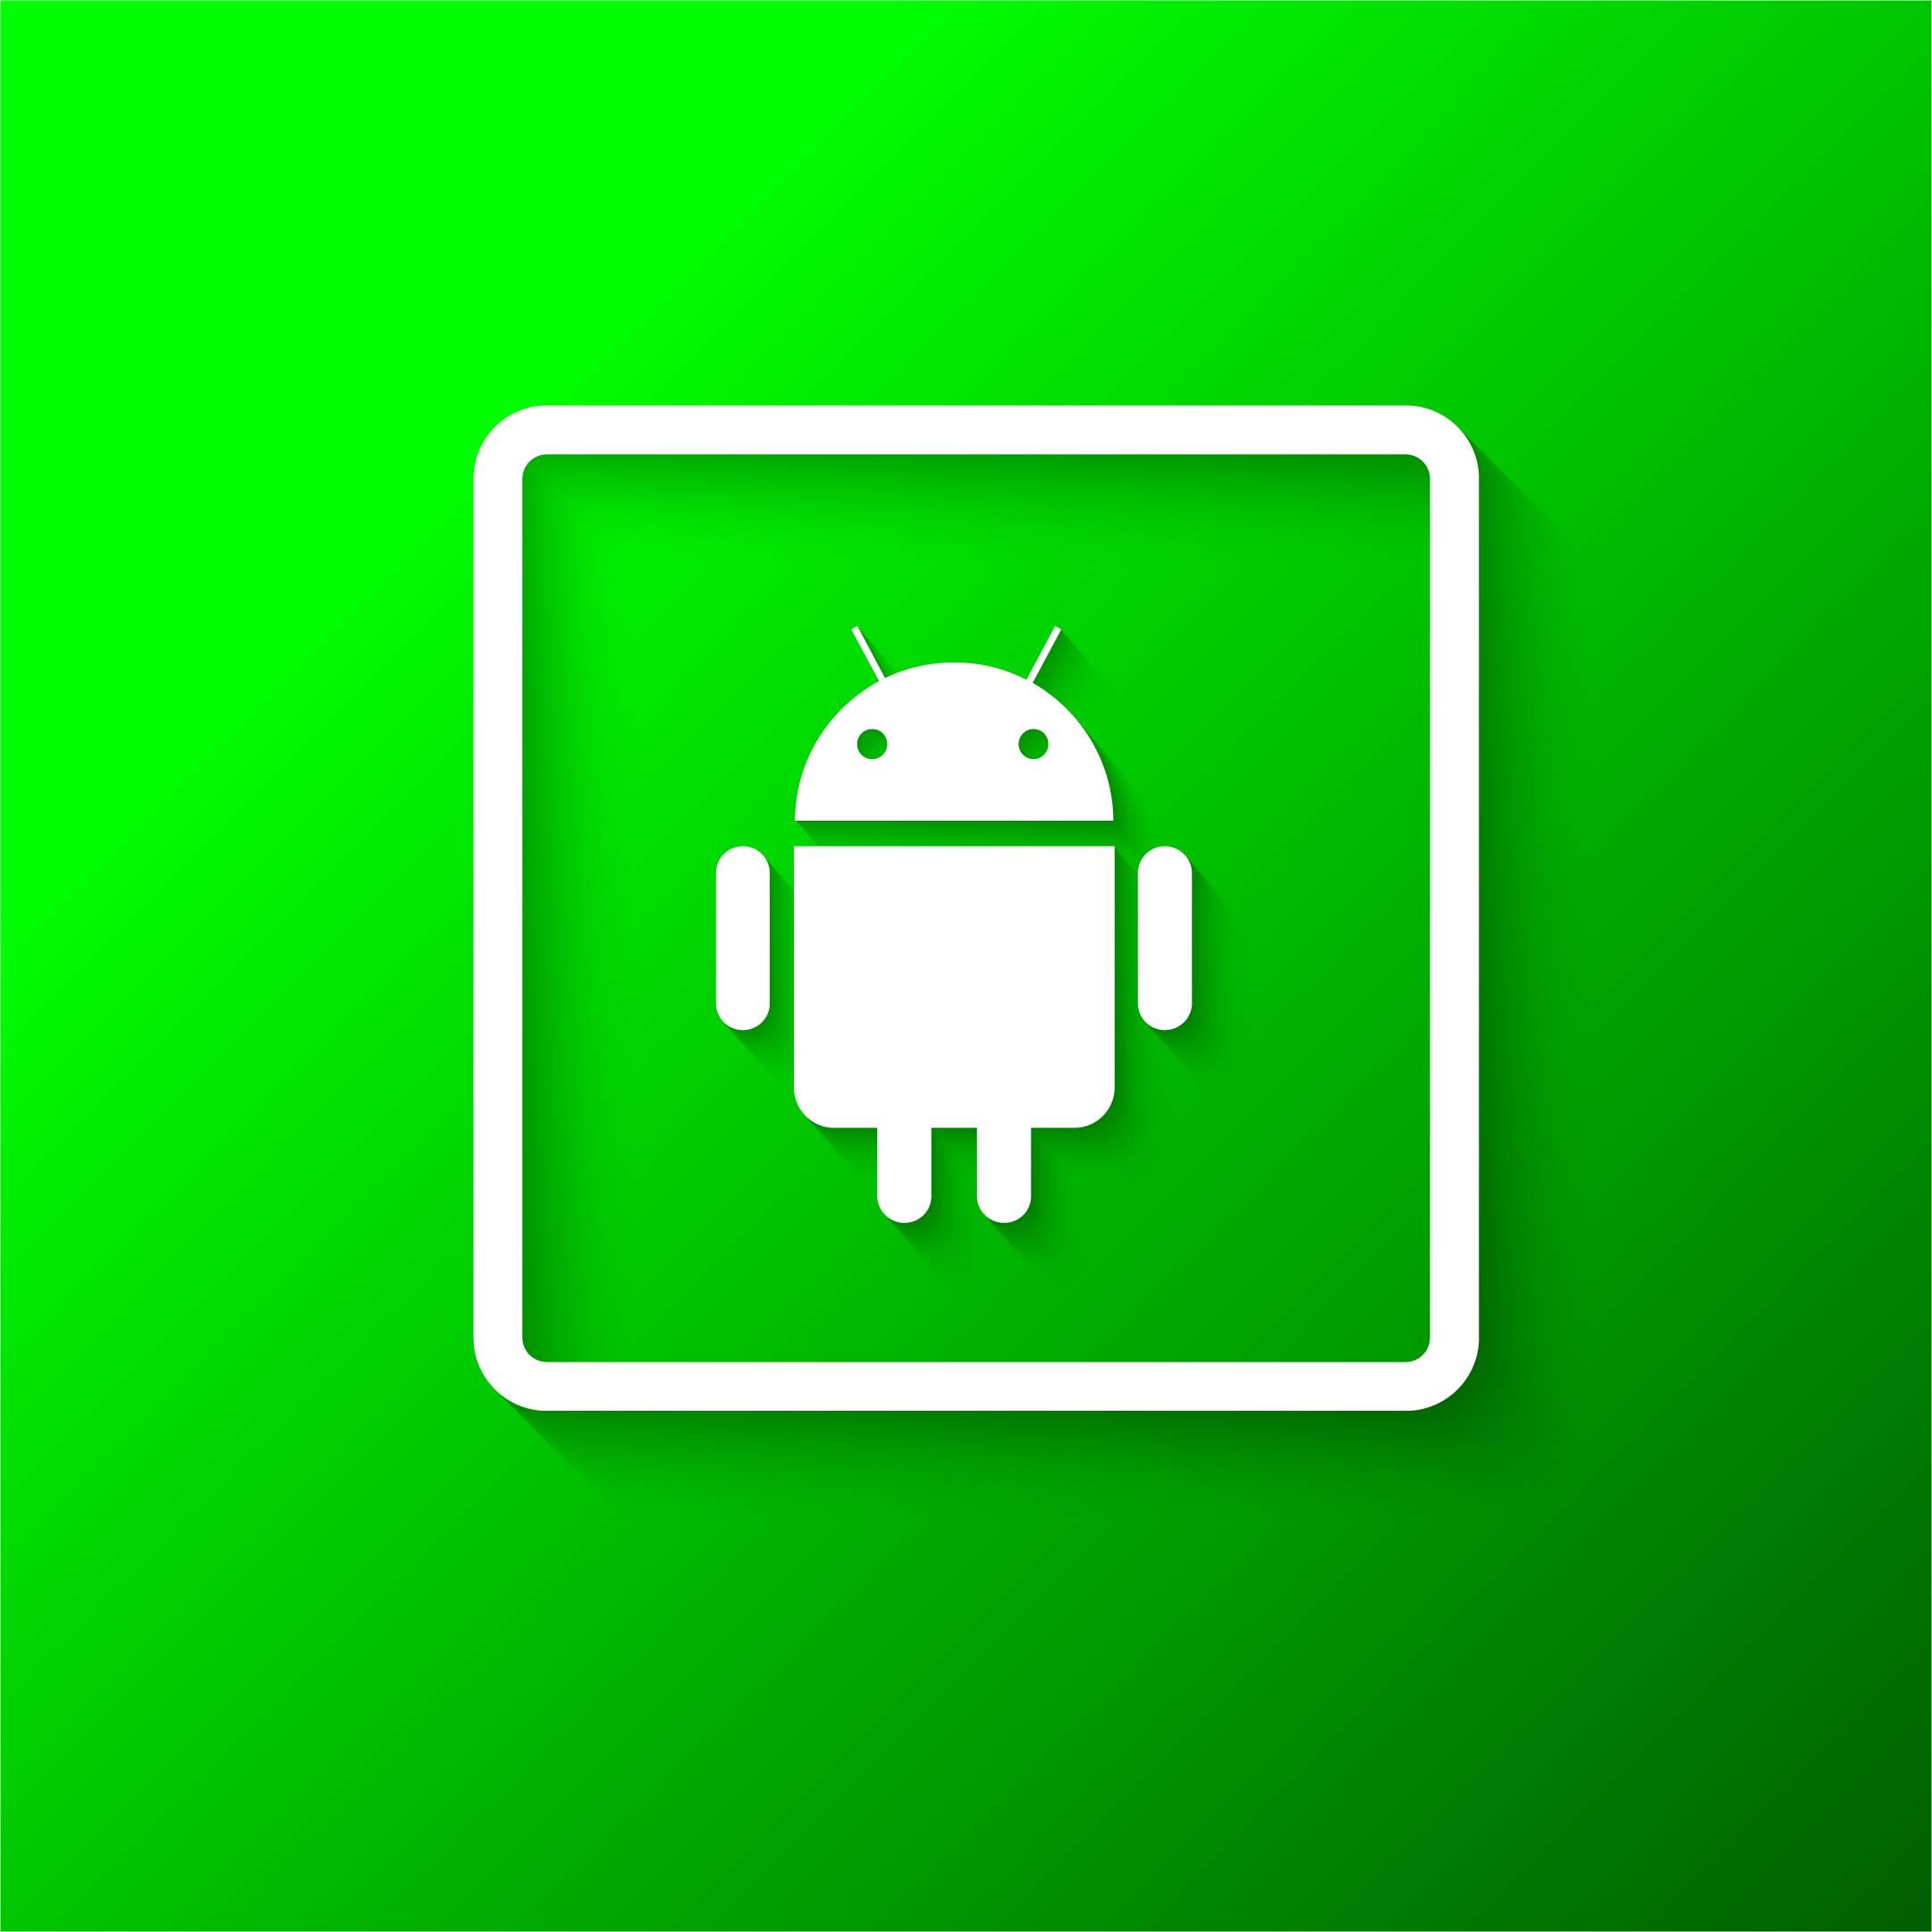 Σεμινάριο android